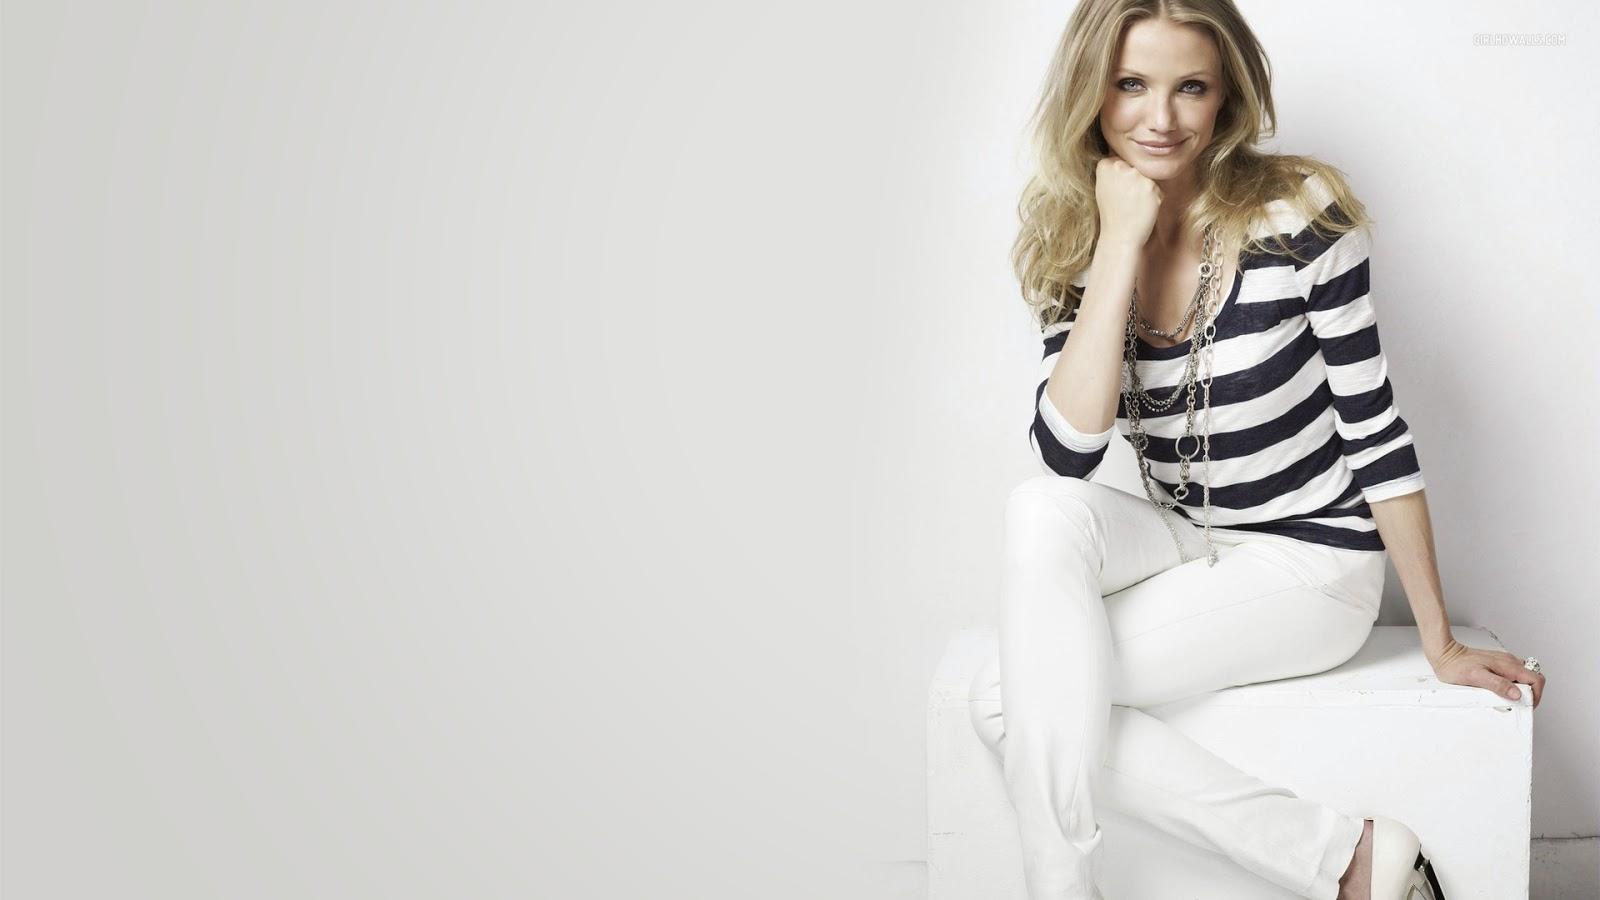 Top artis - Hollywood desktop wallpapers actresses ...